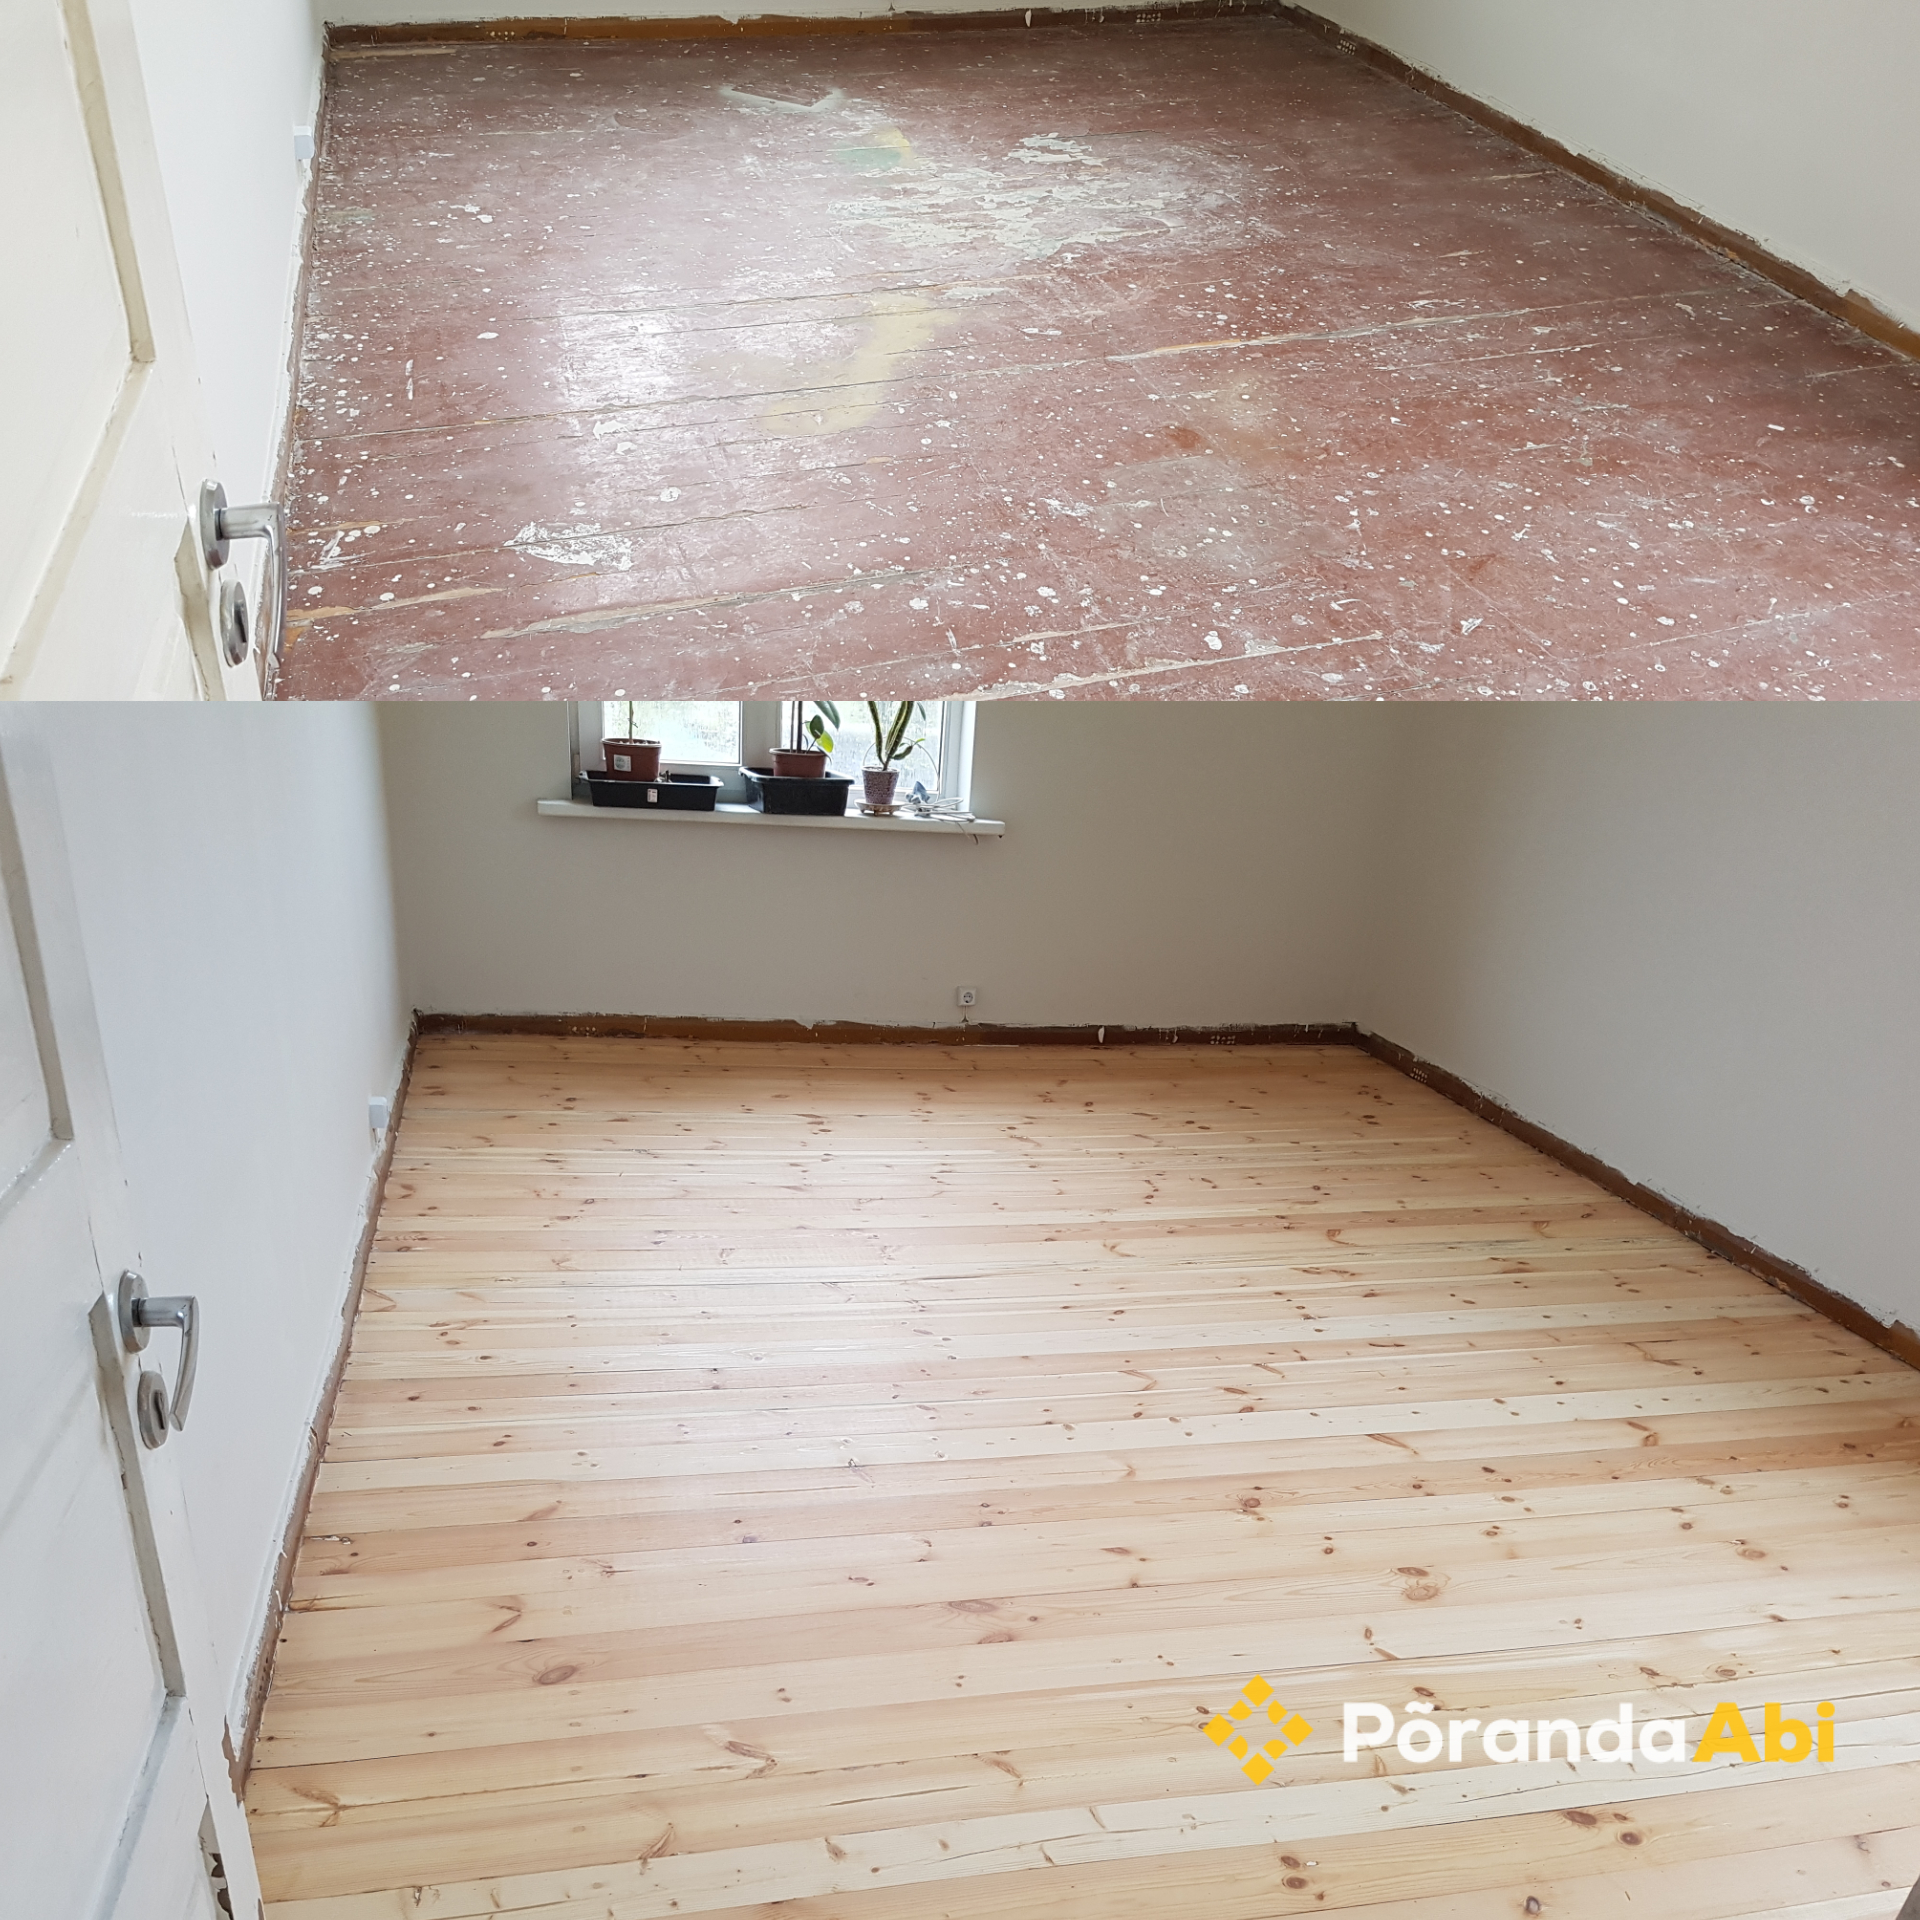 Vana puitpõranda renoveerimine